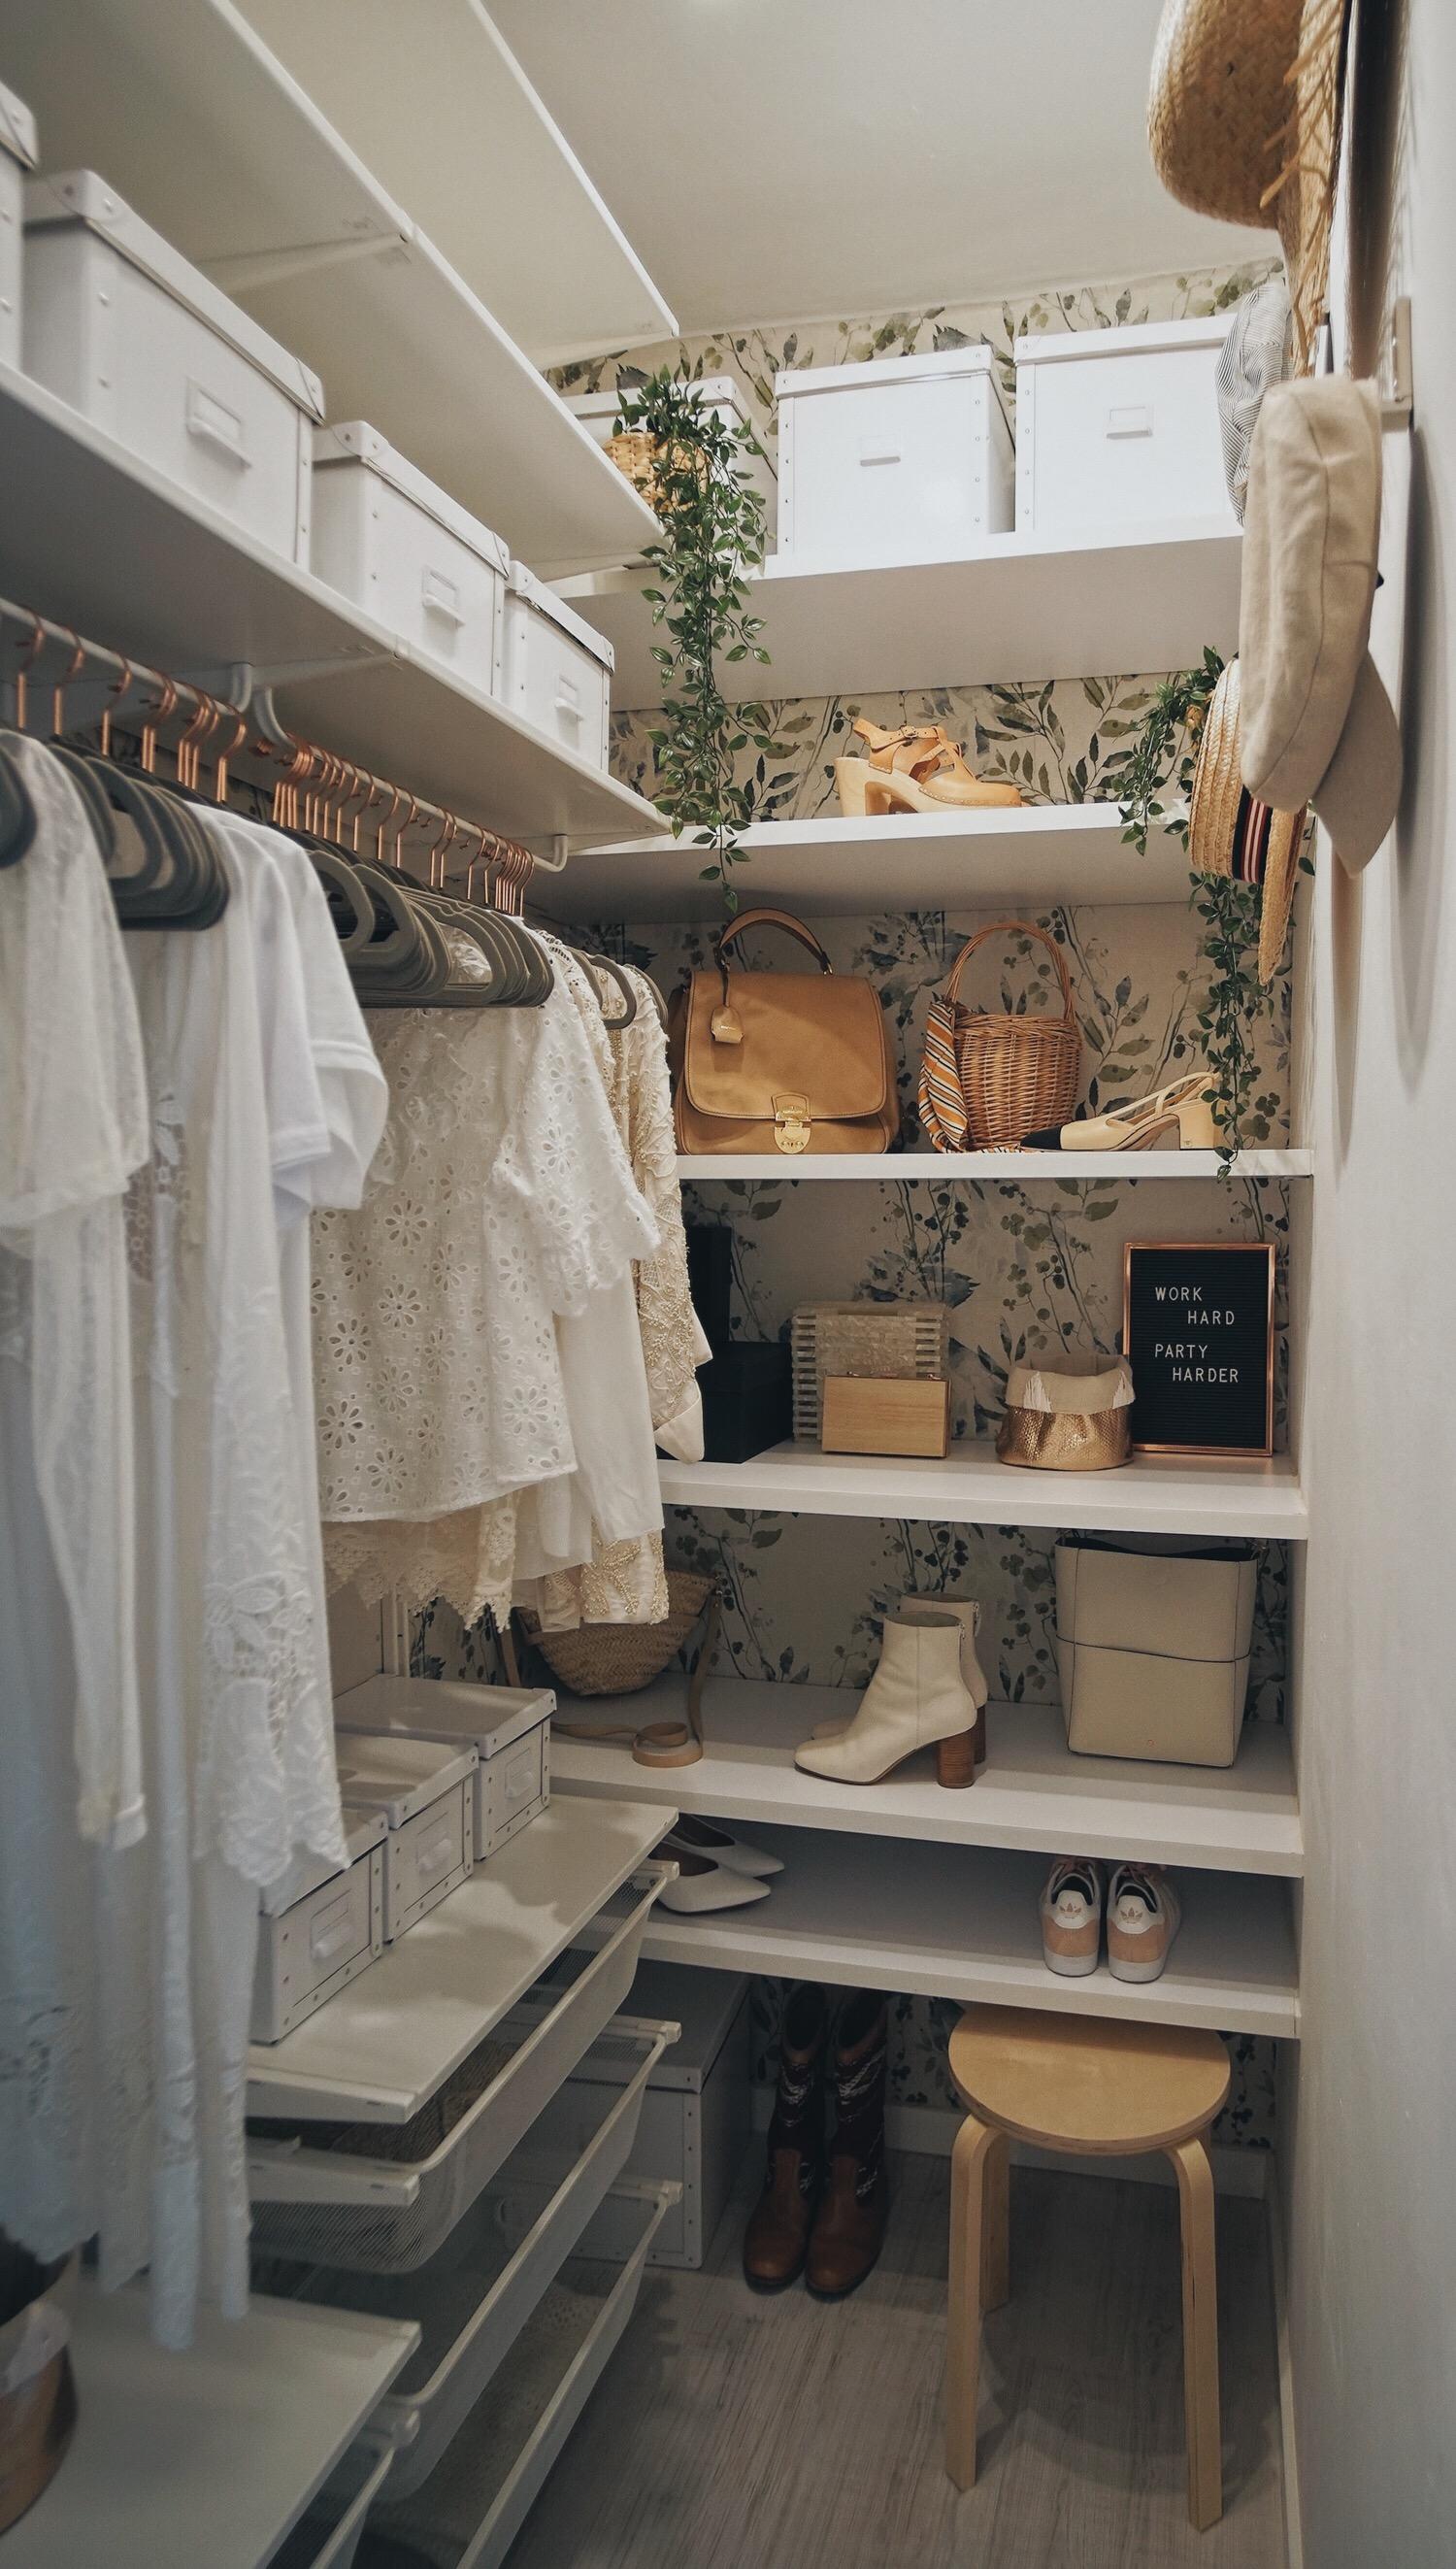 Những kiểu dáng tủ quần áo vừa thời trang vừa giúp đựng được vô số đồ đạc dành cho nhà nhỏ - Ảnh 4.